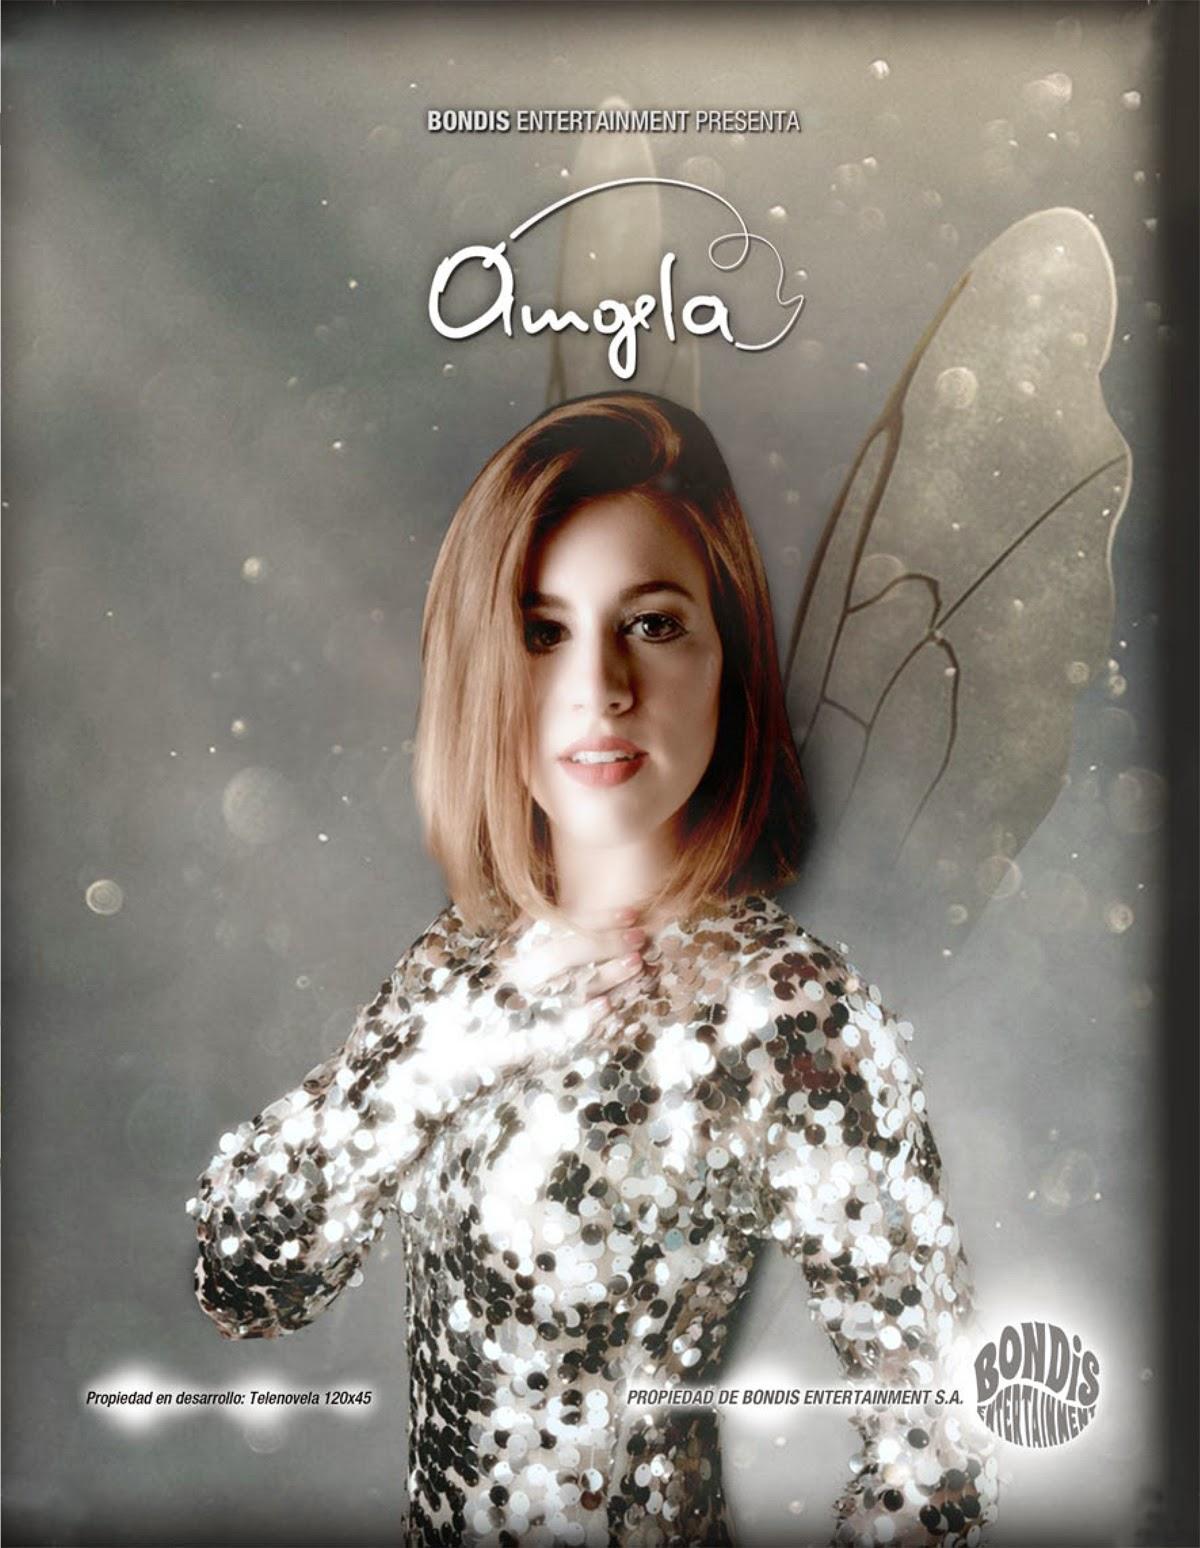 http://poplia.com/angela-el-nuevo-proyecto-telenovelero-de-laura-esquivel/